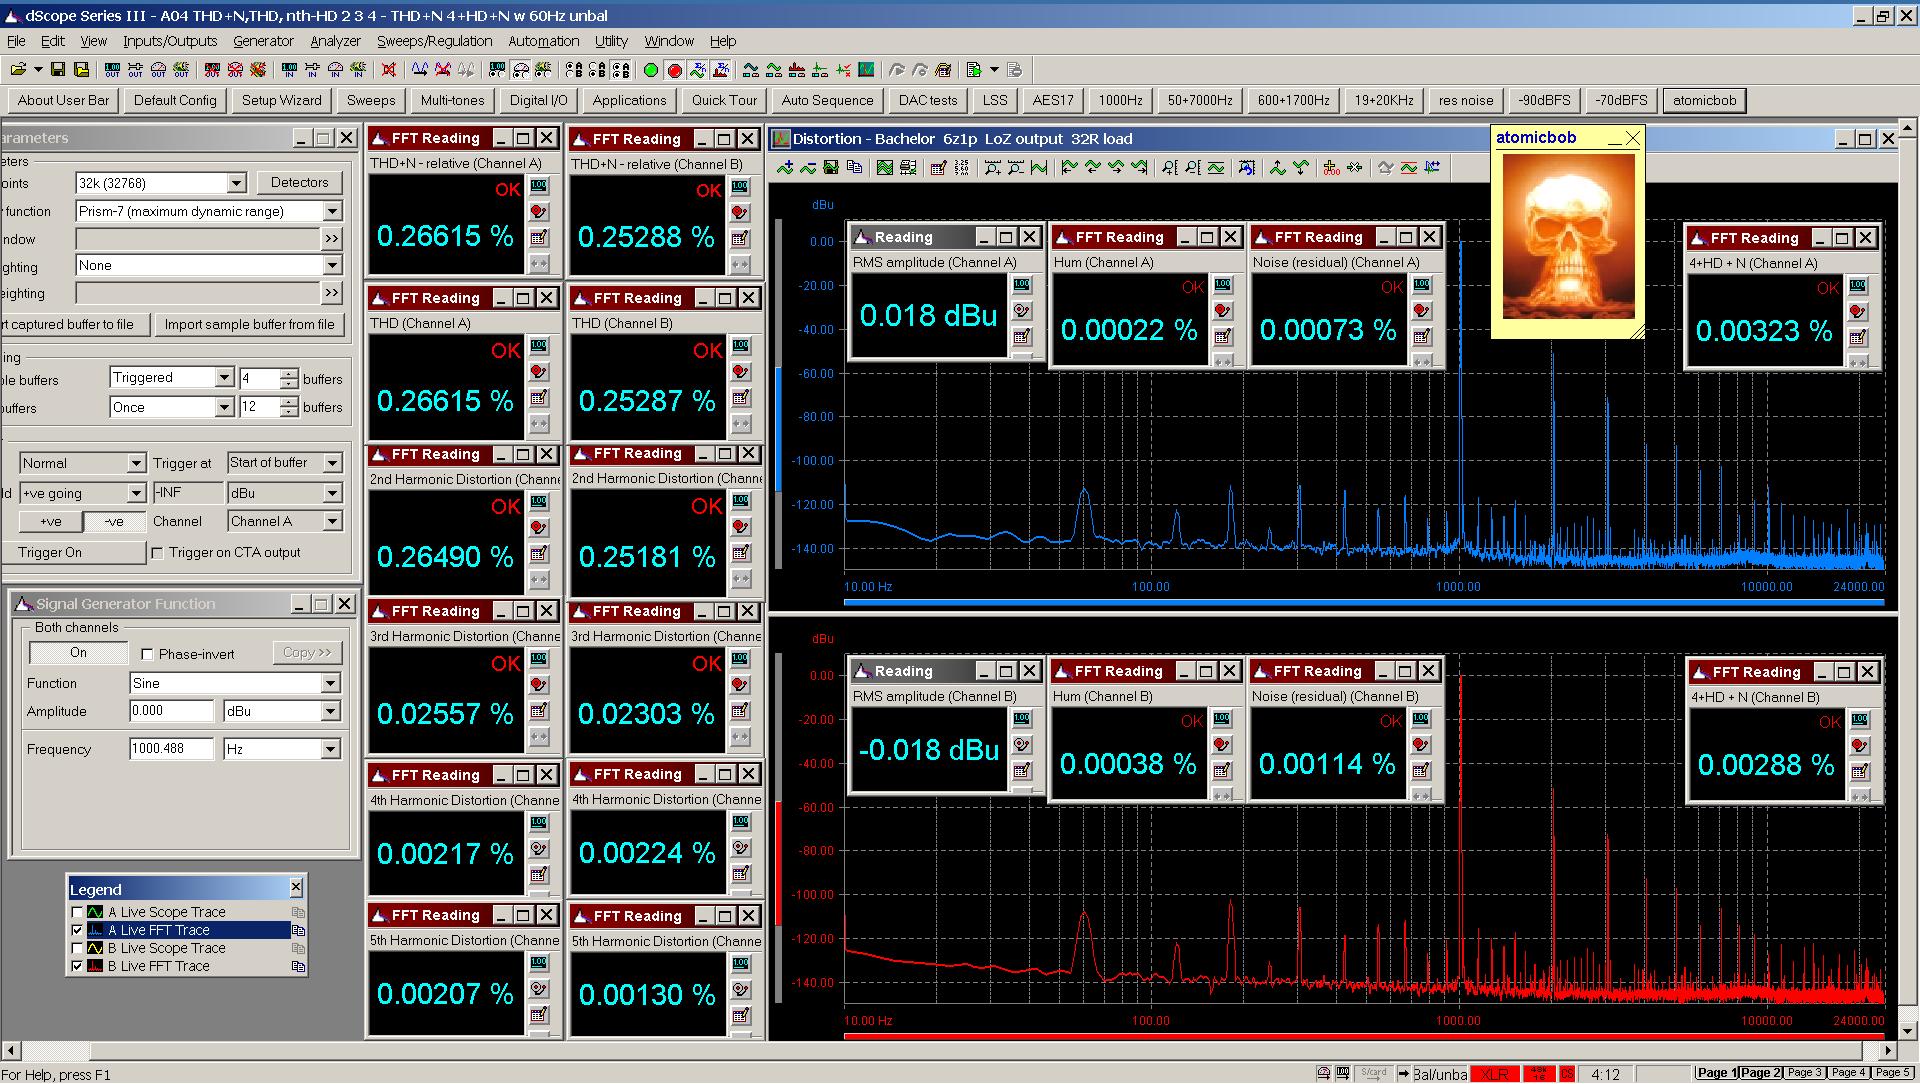 20200619 Bachelor 6z1p A04 THD+N  THD  nth-HD FFT 32R - 4+HD+N with 60Hz 0dBu.png